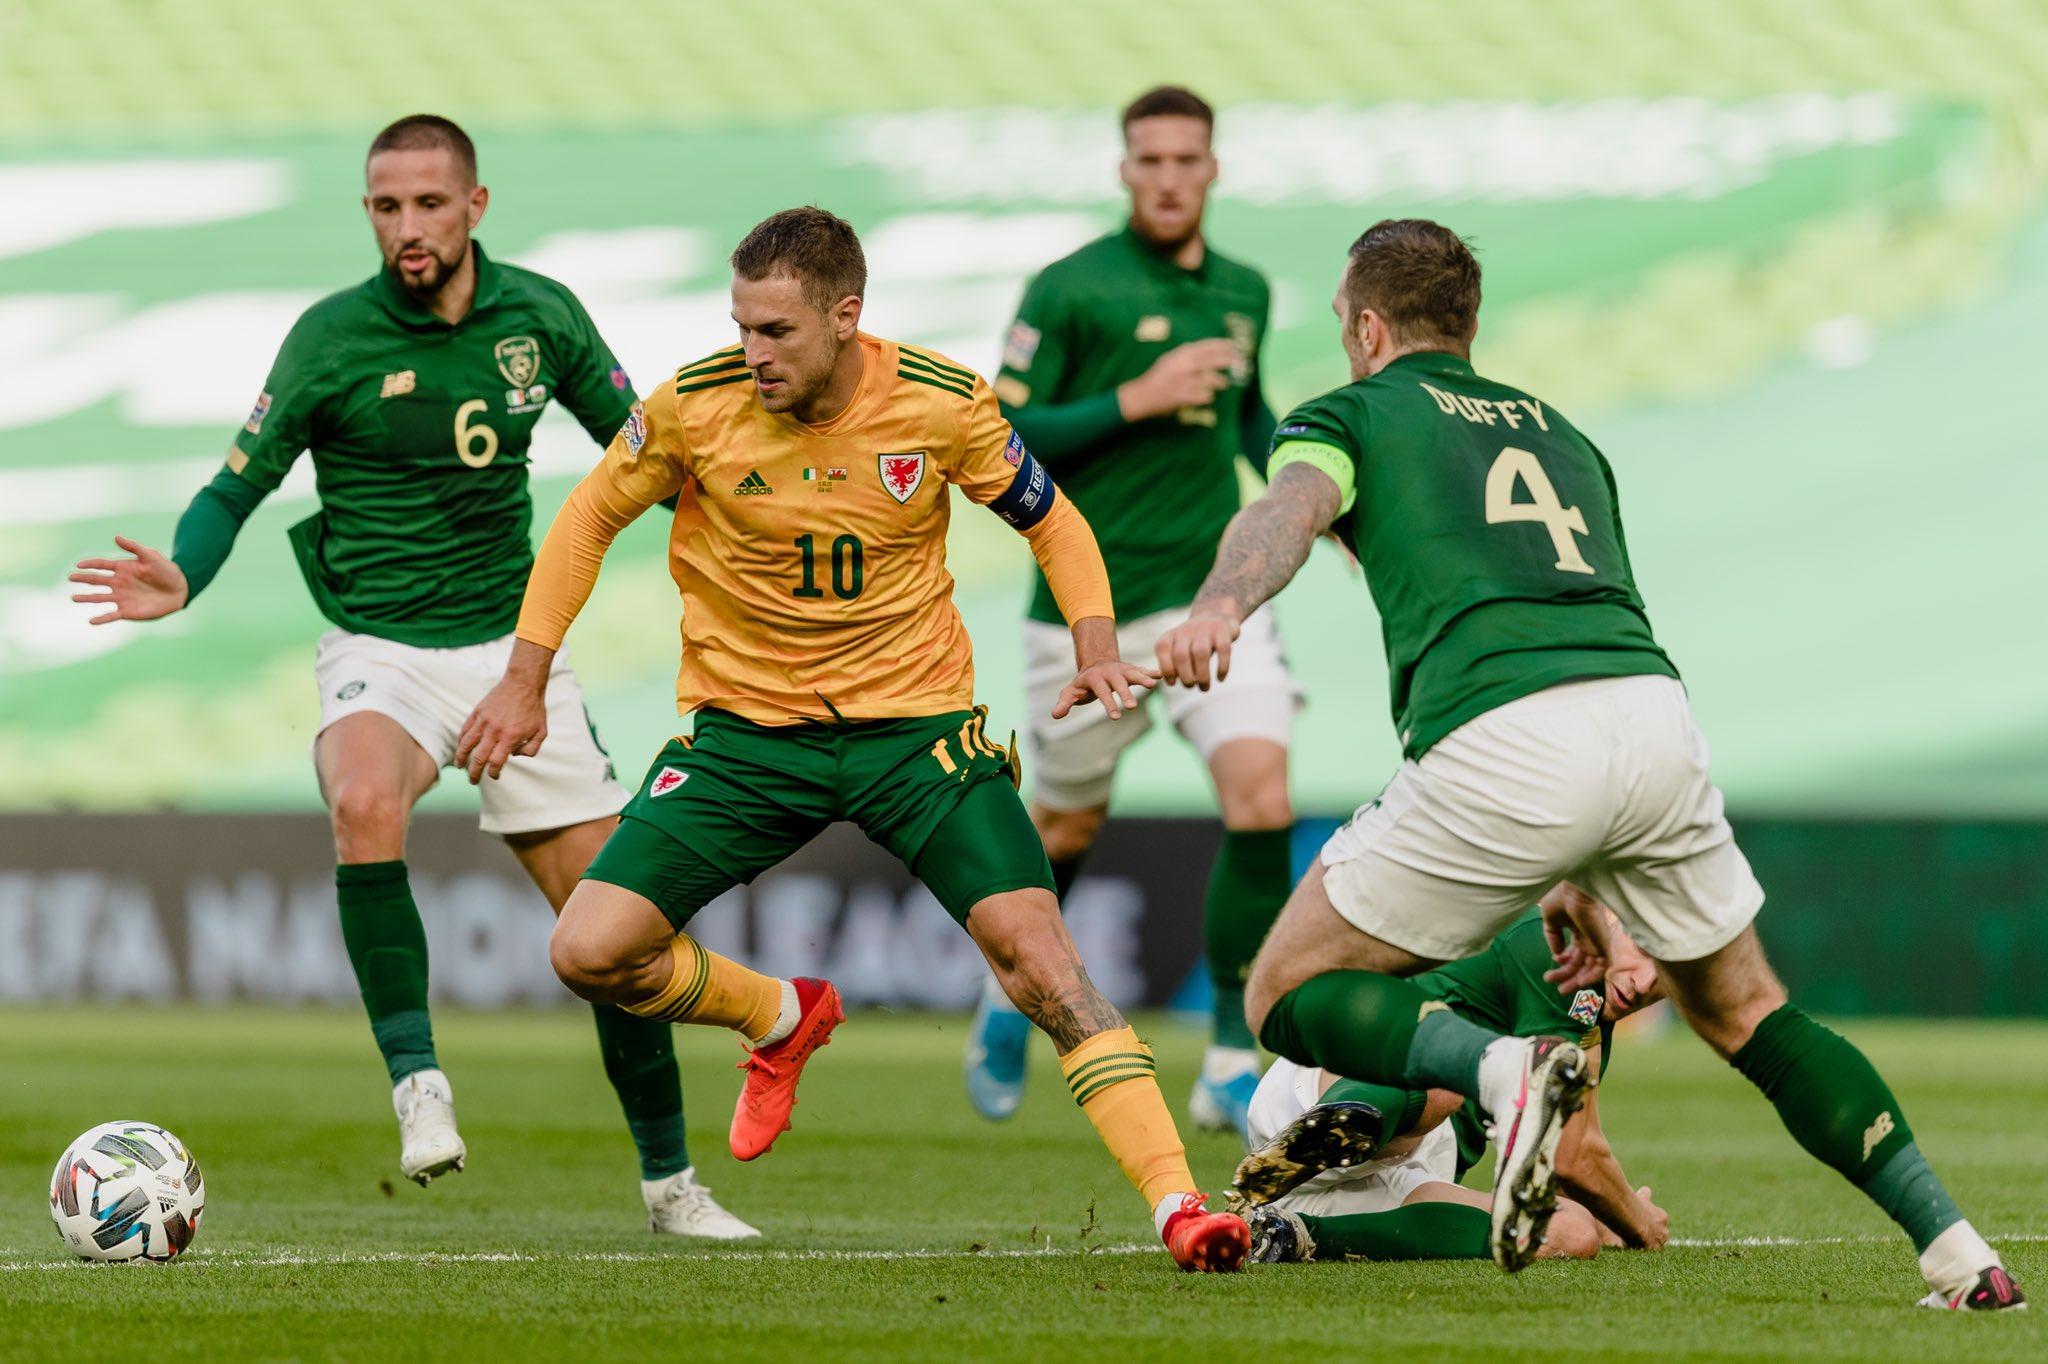 威尔士官方:拉姆塞伤退,不会参加对阵保加利亚的比赛